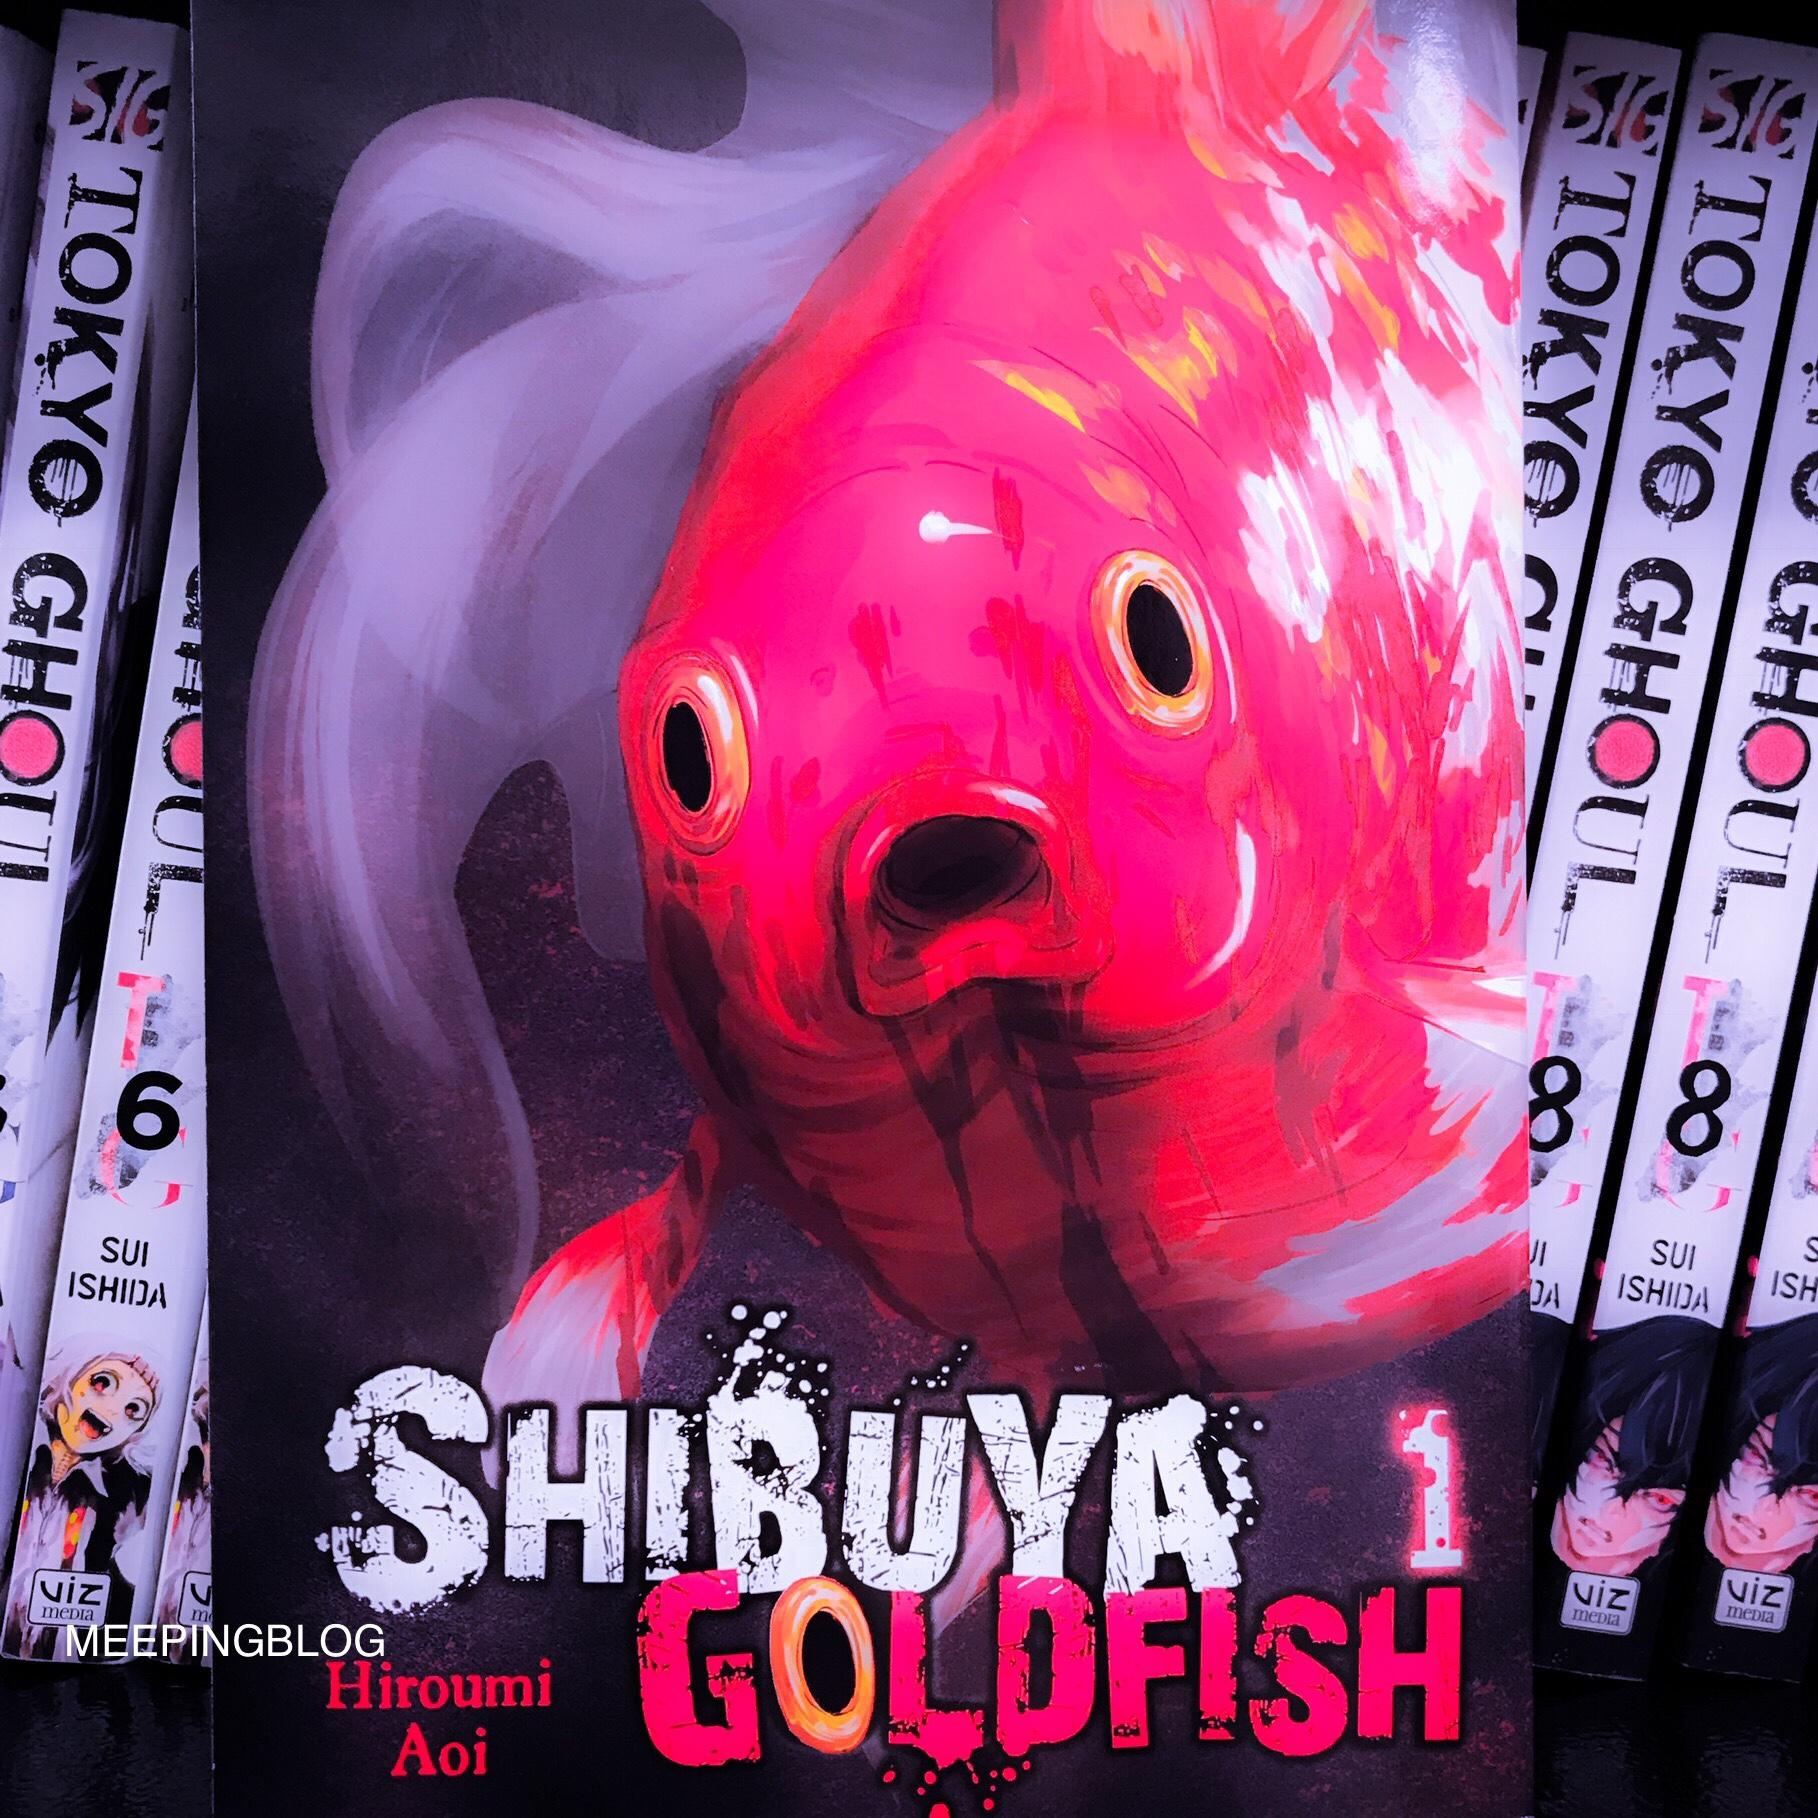 Shibuya Goldfish - Manga Review